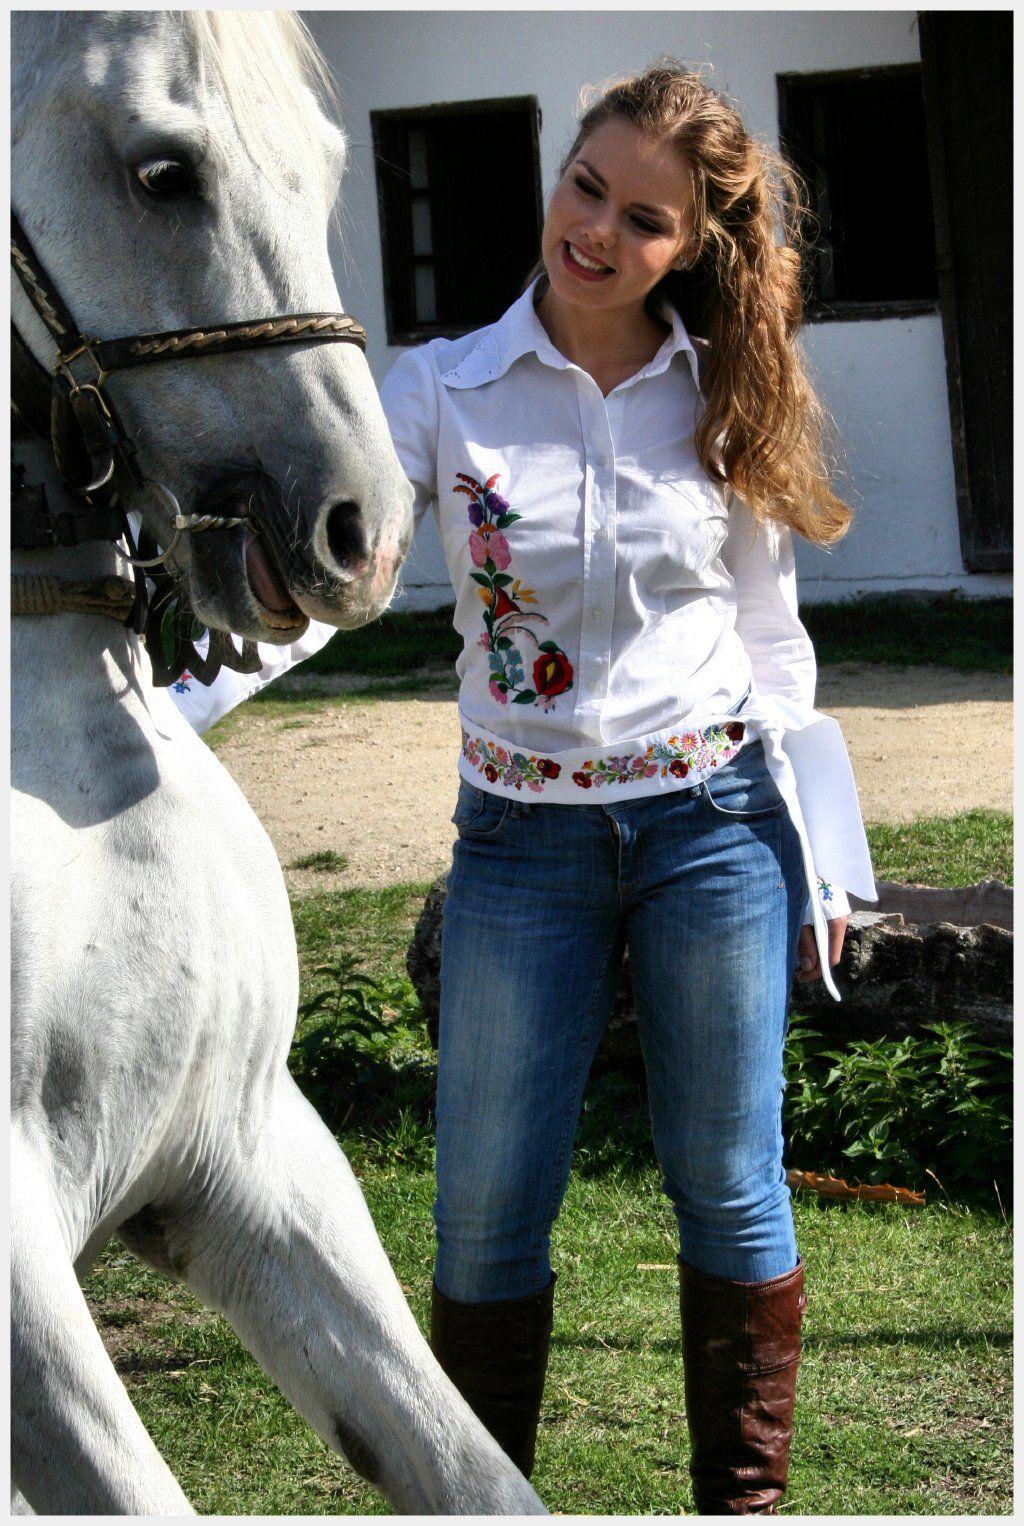 b83fccc9fafd Kalocsai Hímzett Ruhák - A Trendi kalocsai ruha! | Horses - photo